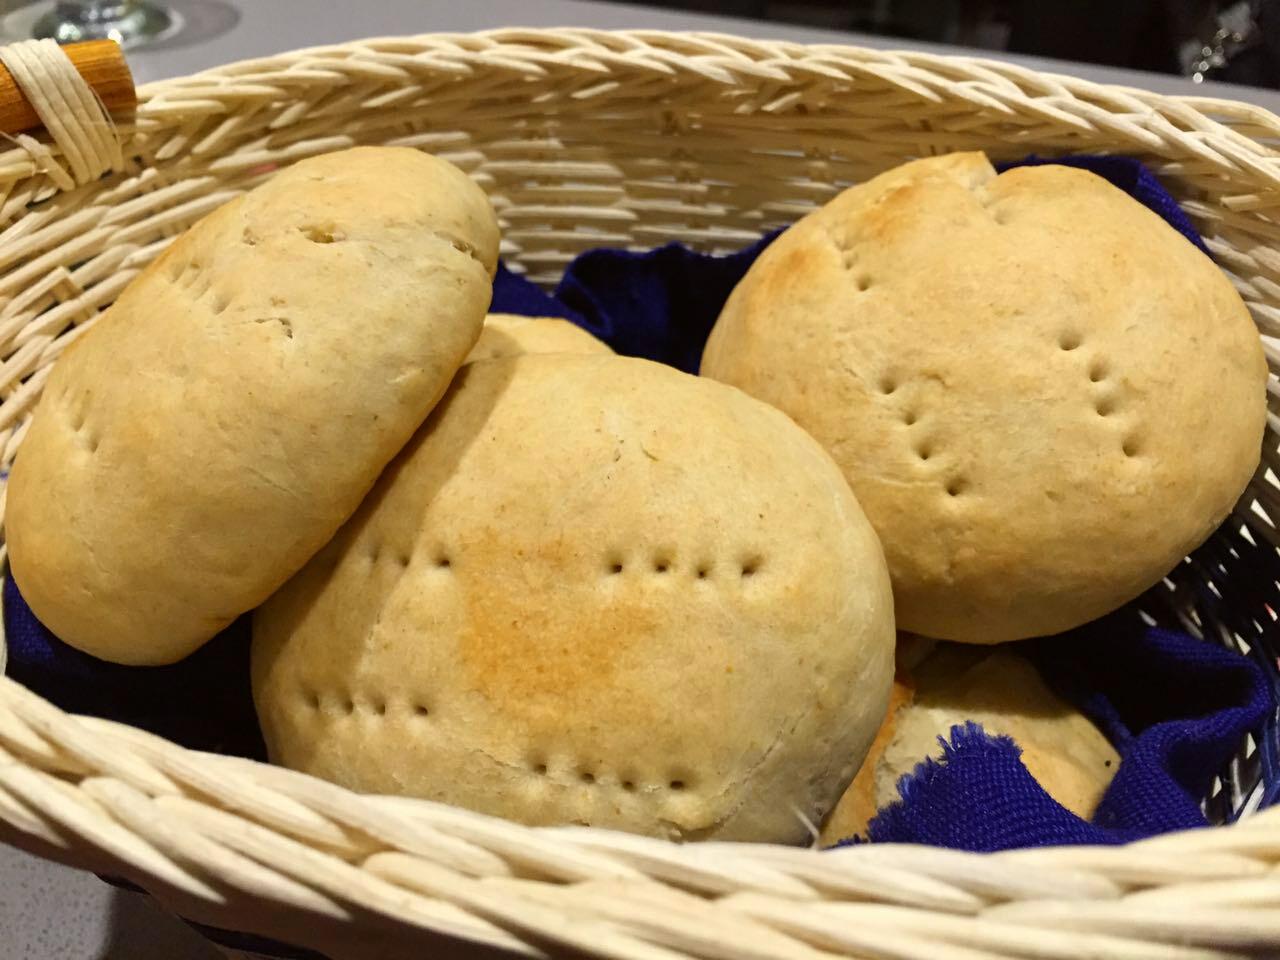 Receta pan amasado casero